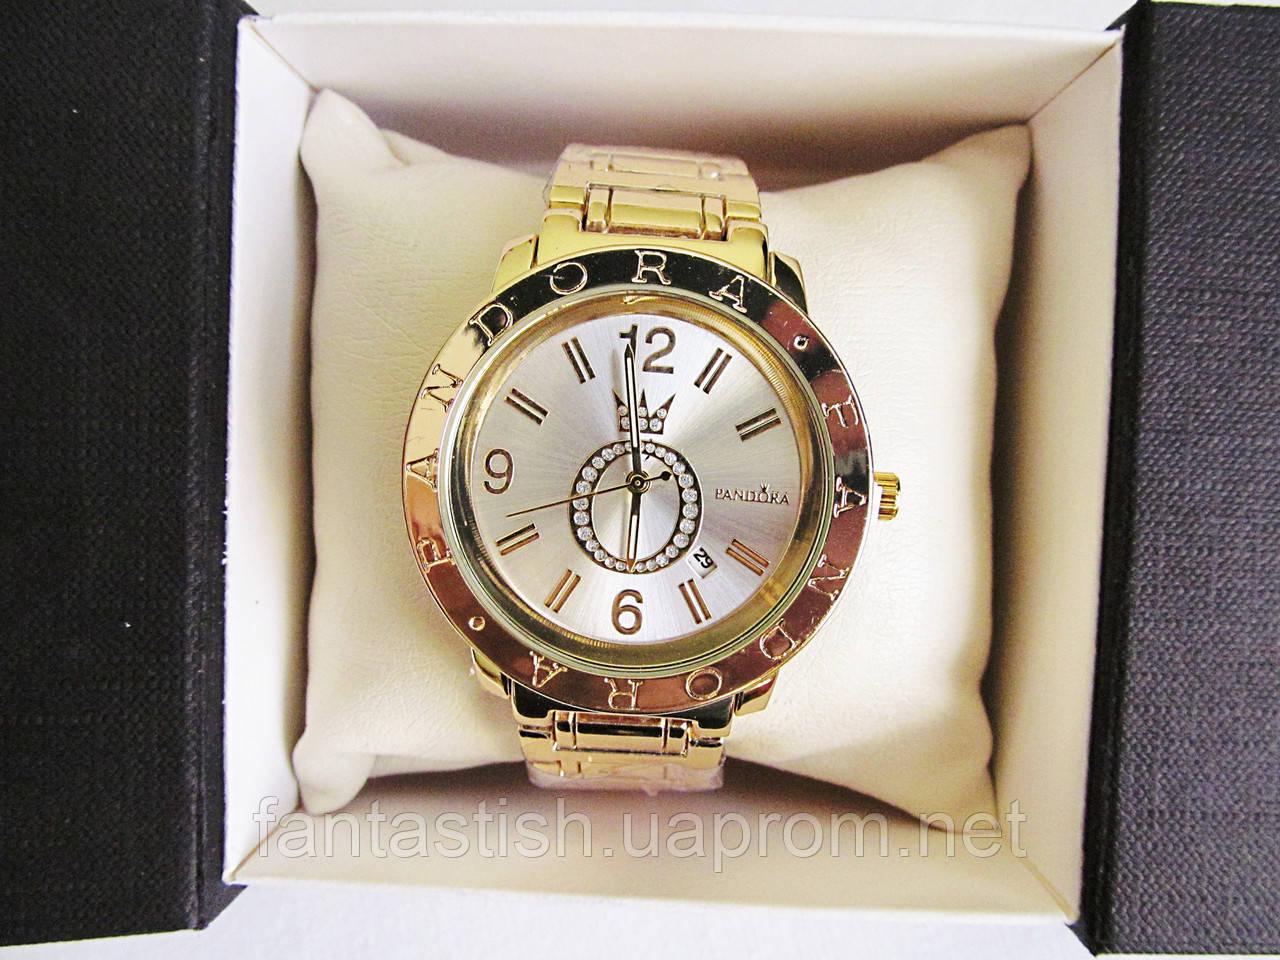 Часы Пандора наручные женские часы золото+серебристый циферблат - Магазин  красоты и удовольствий